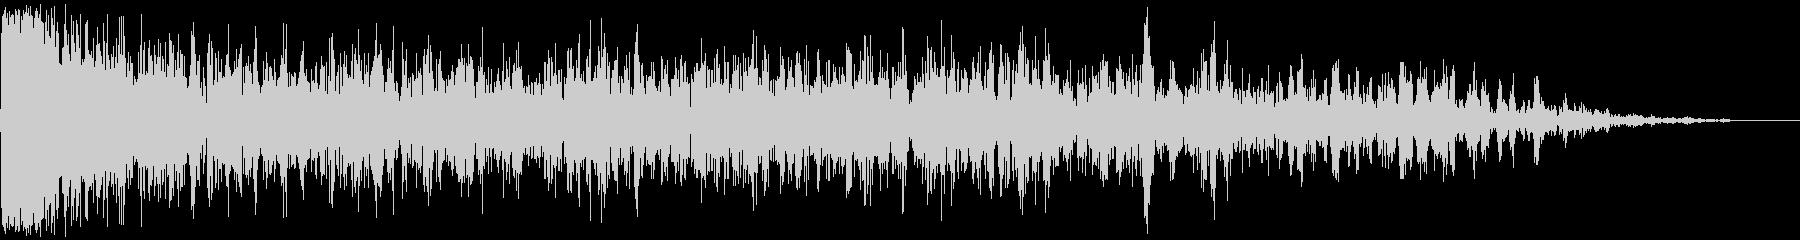 【アンビエント】ドローン_08 実験音の未再生の波形